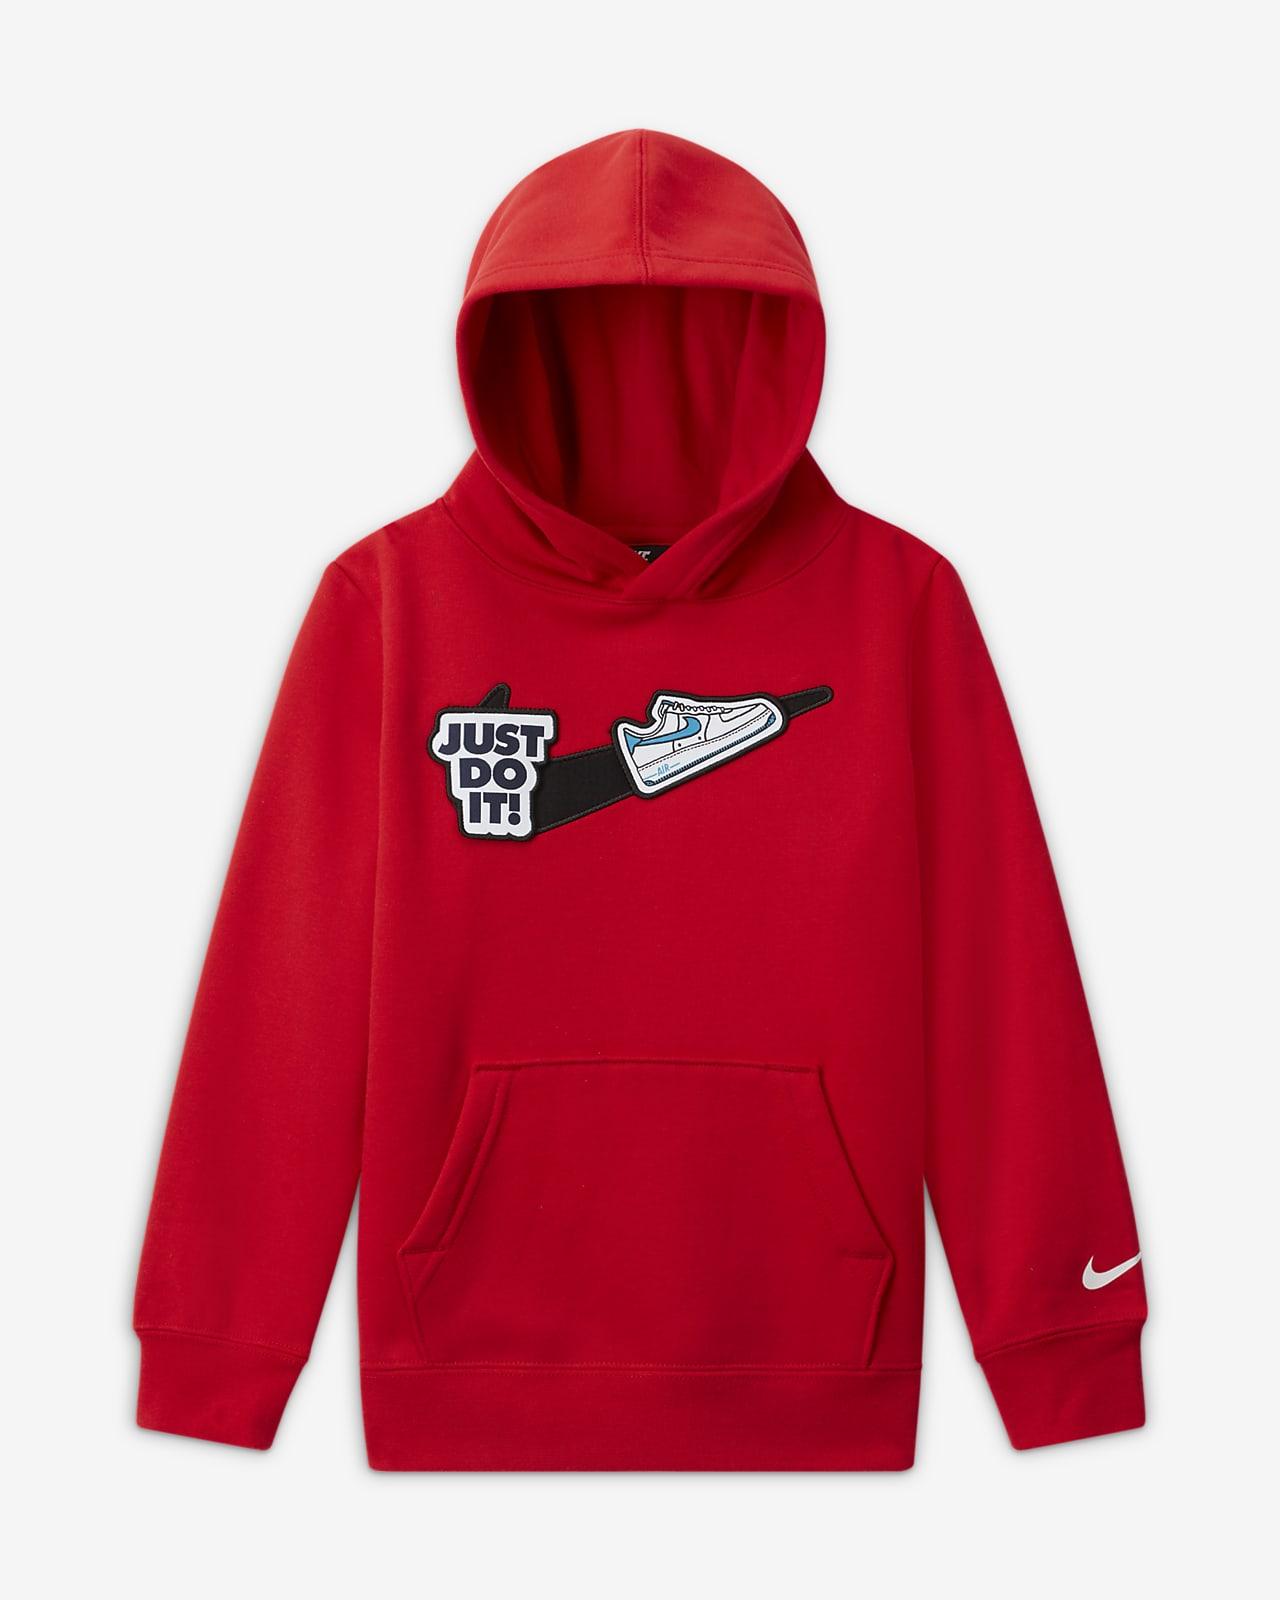 Nike 幼童套头连帽衫